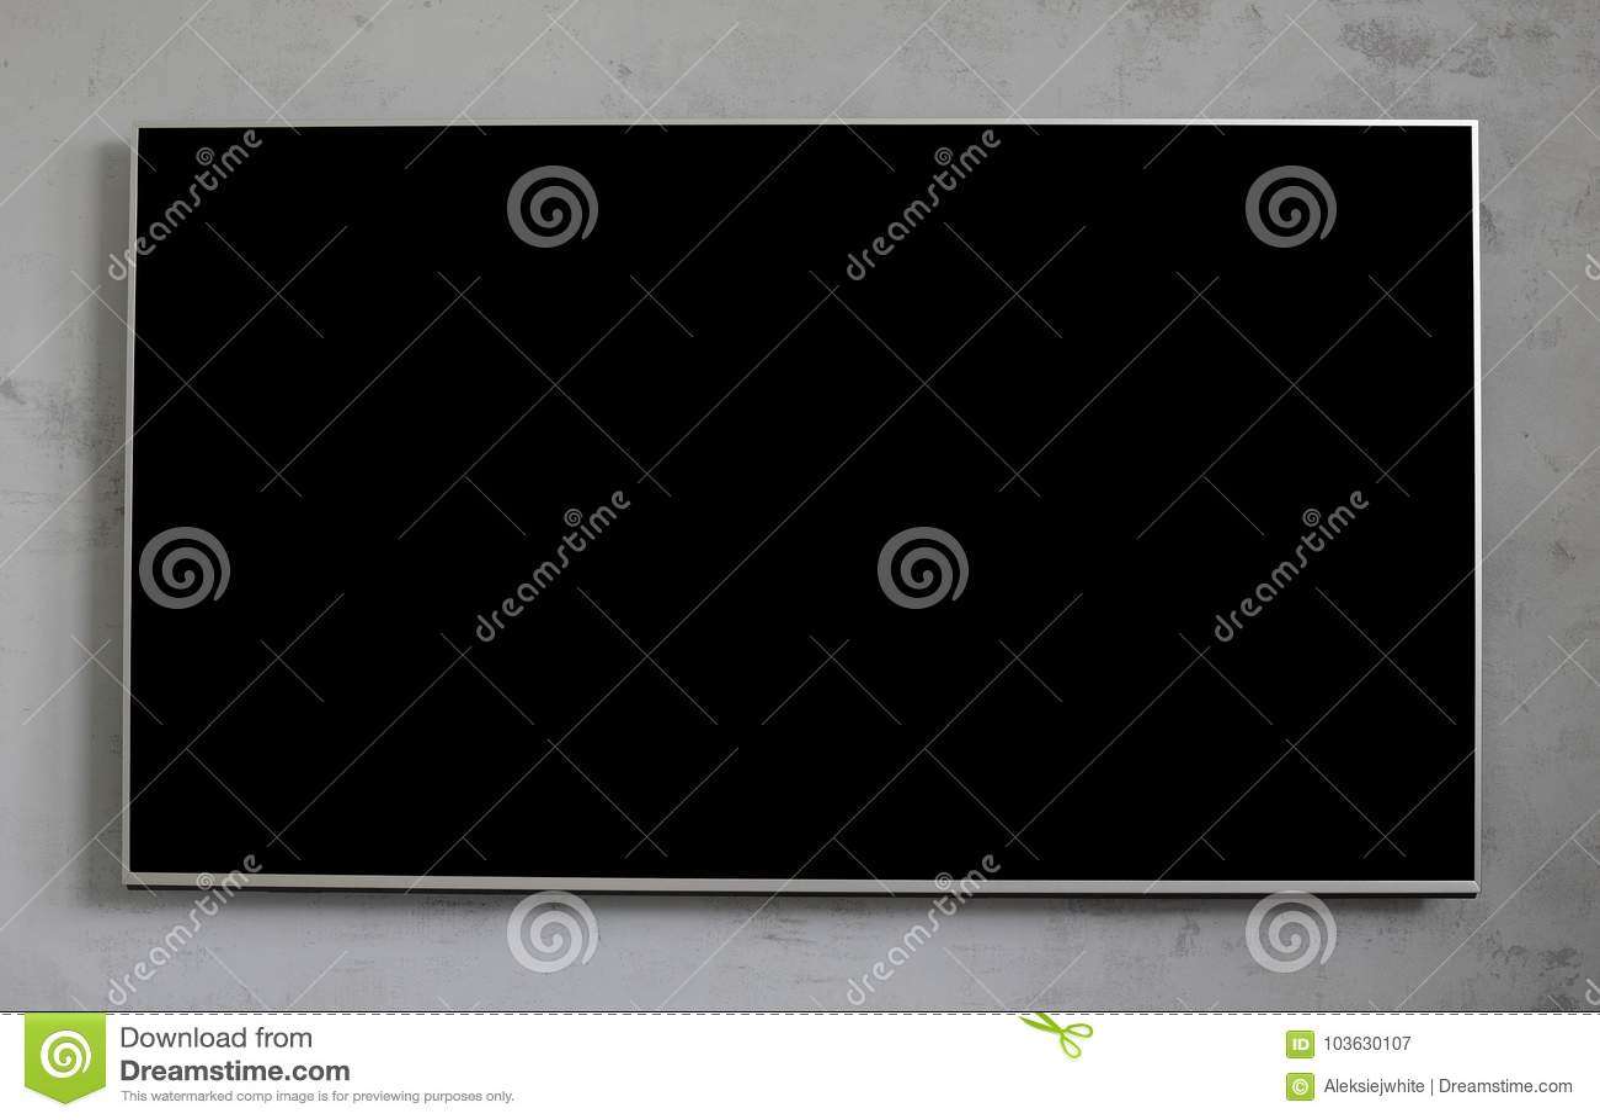 在混凝土墙上的空的黑电视屏幕